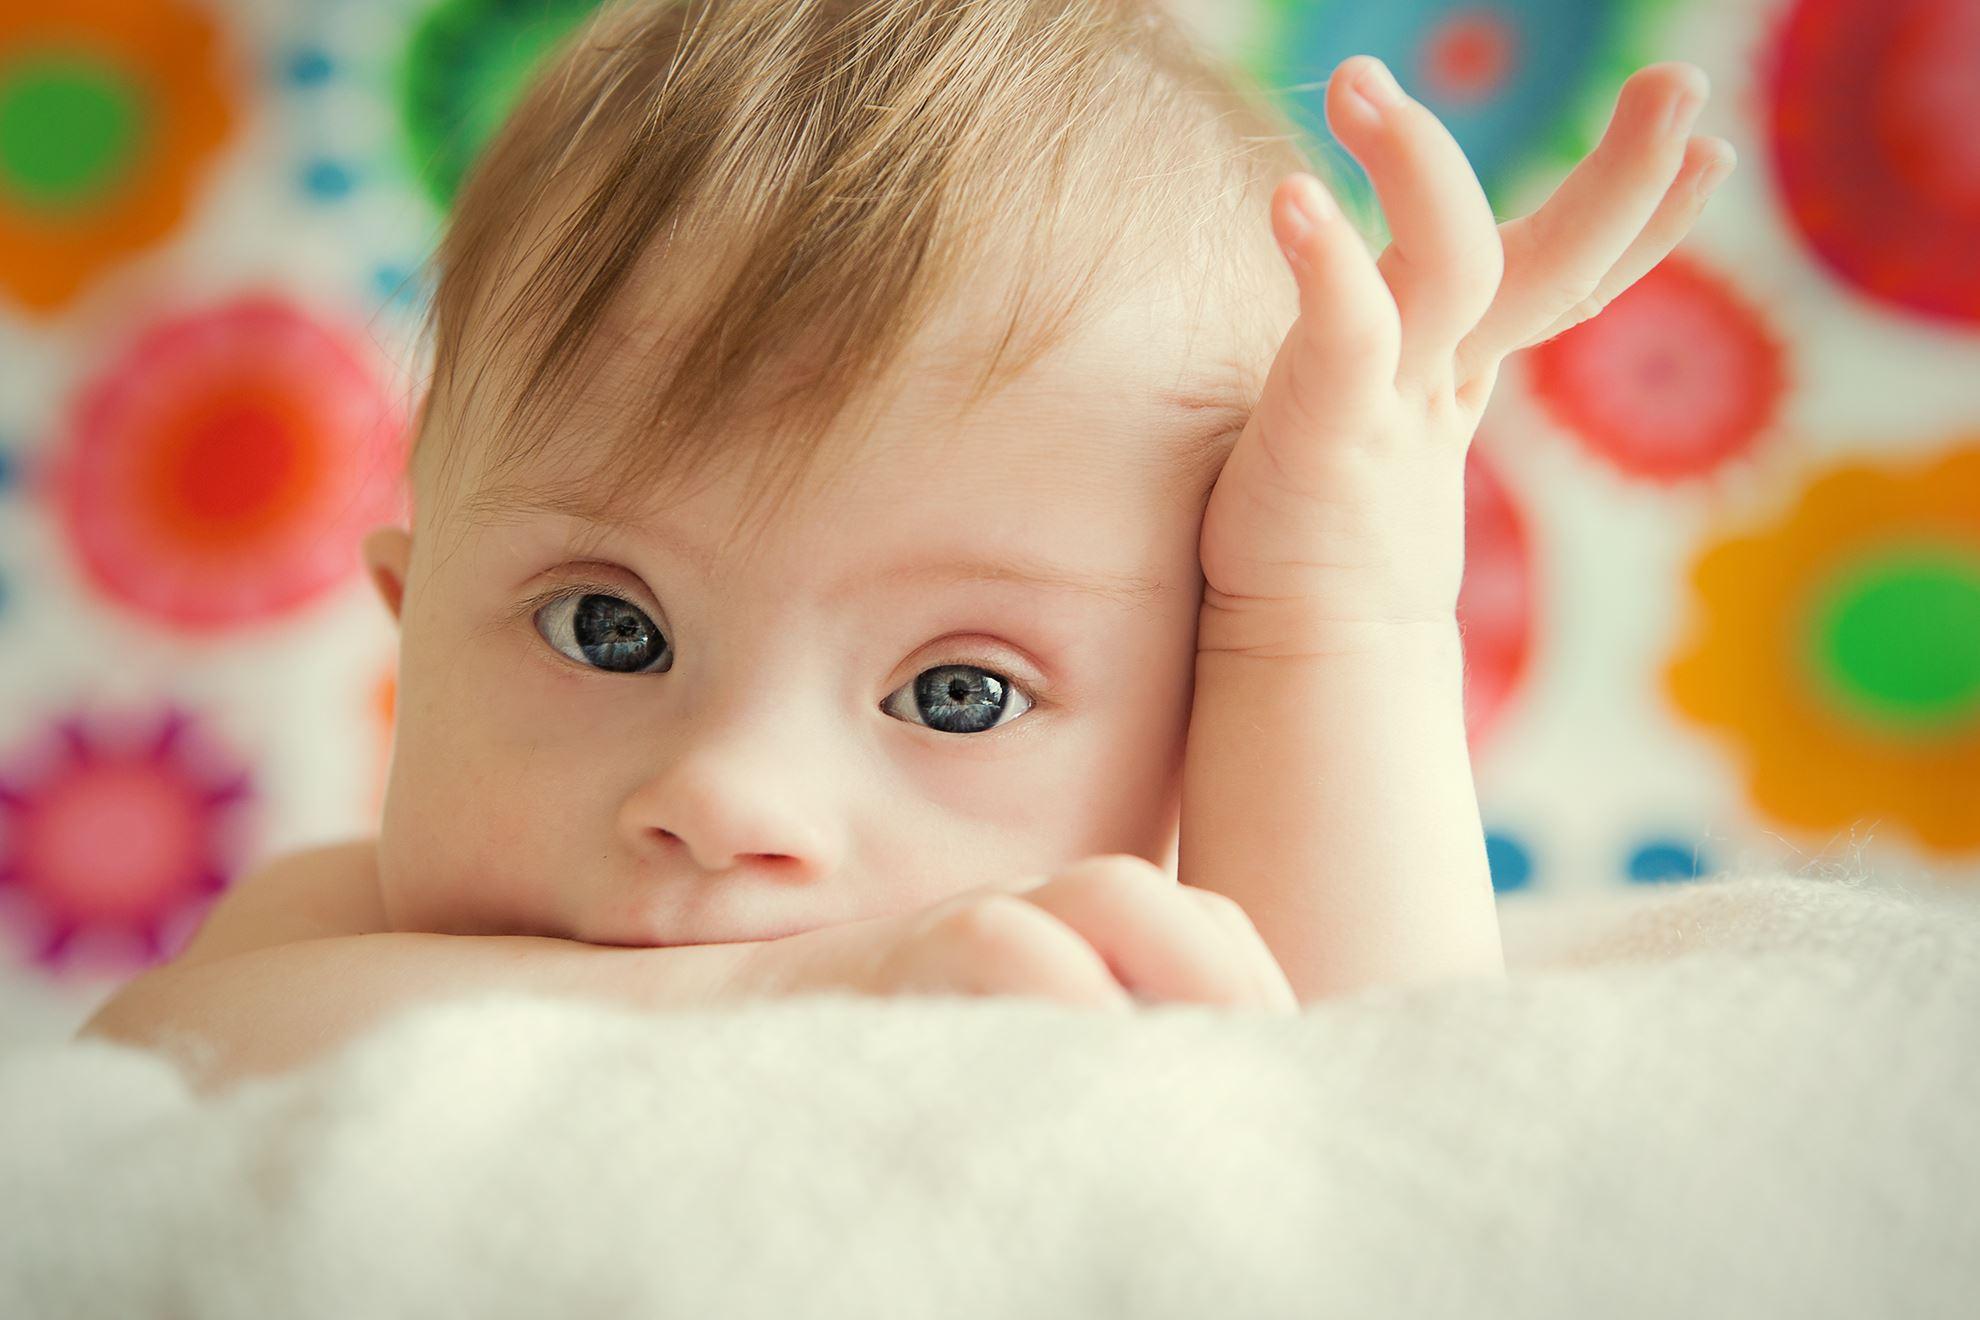 نوزاد زودتر از وقت موردنظرمتولد شده و نیاز به بستری در NICU دارد.